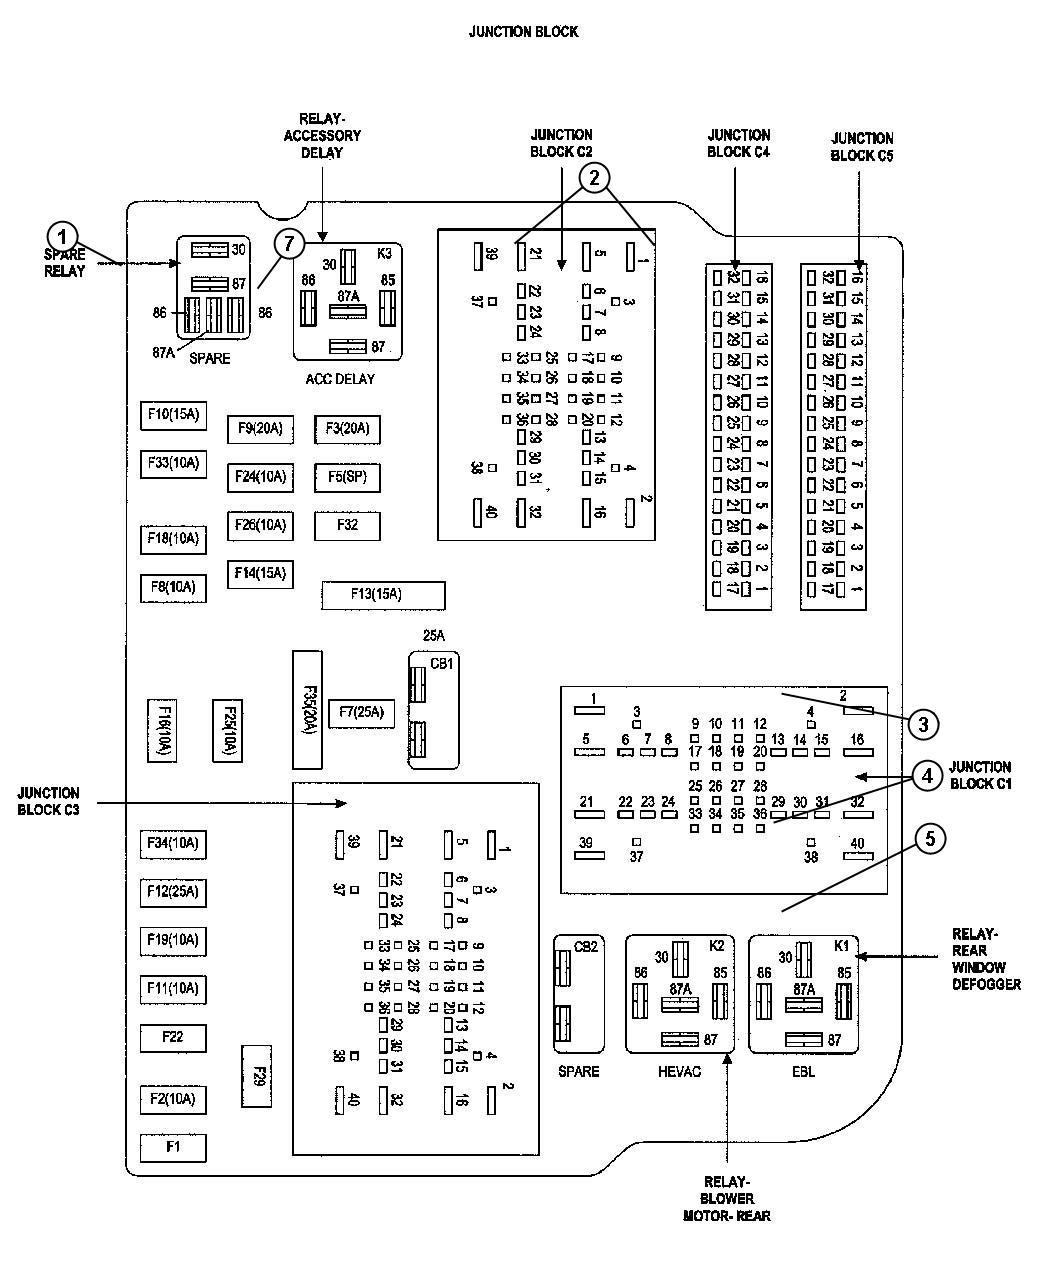 hight resolution of 2007 chrysler aspen fuse box diagram data wiring diagram 2007 chrysler aspen fuse box diagram